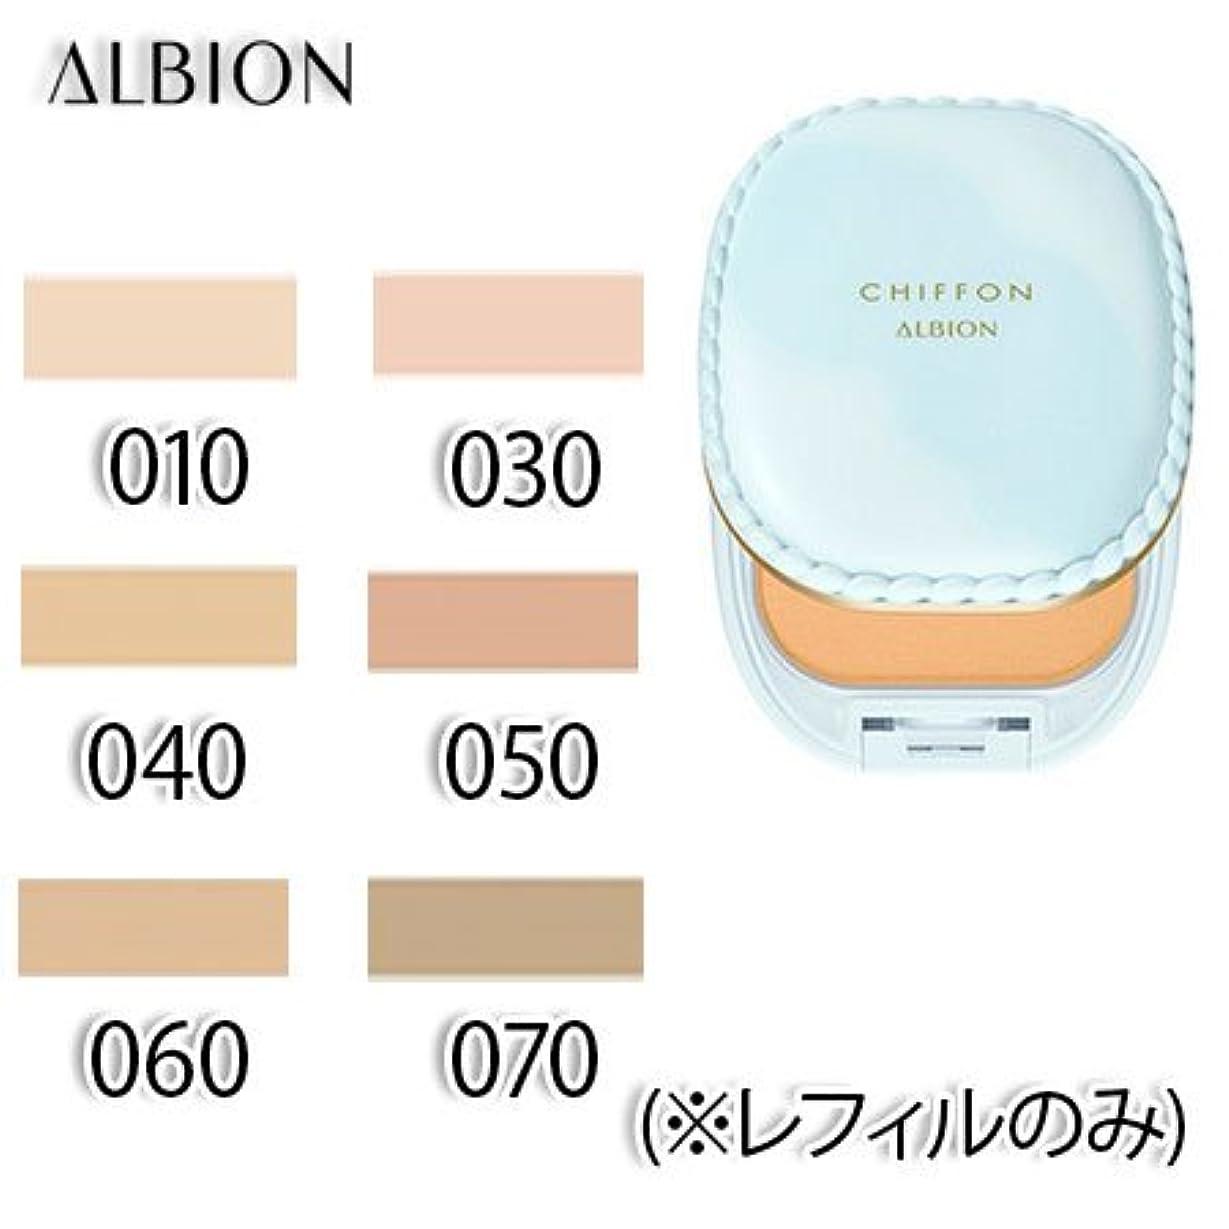 スキーム反逆者人差し指アルビオン スノー ホワイト シフォン 全6色 SPF25?PA++ 10g (レフィルのみ) -ALBION- 050